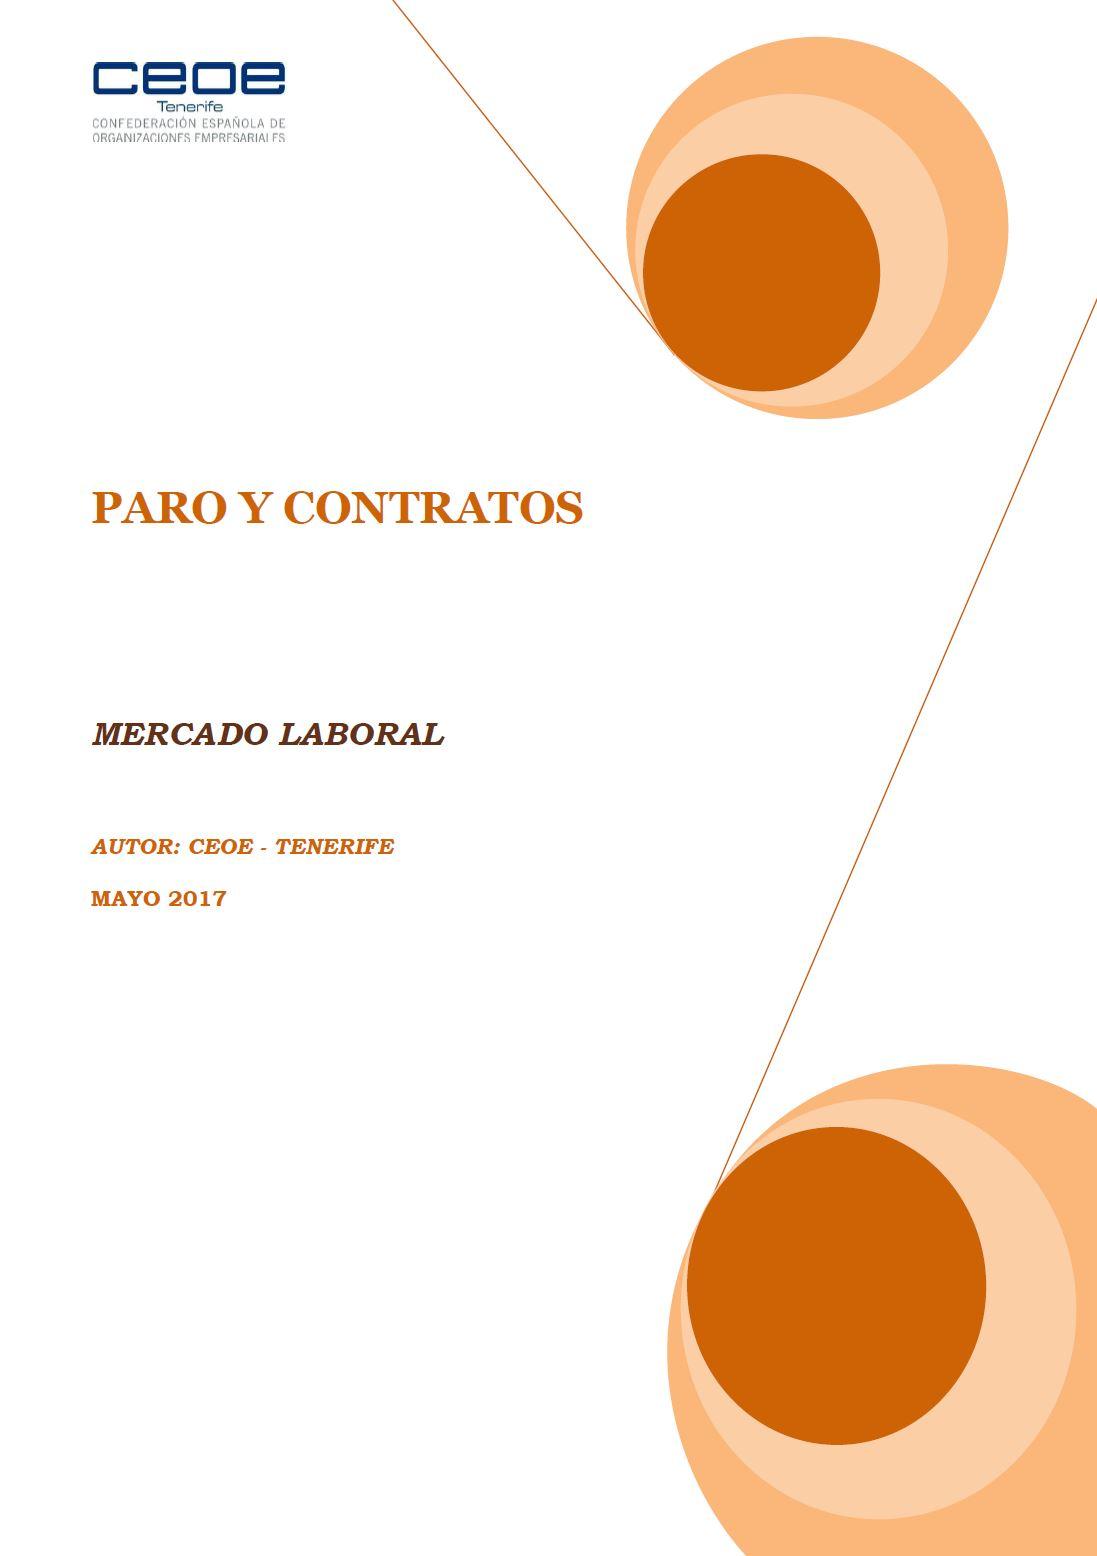 Mayo Paro Contratos